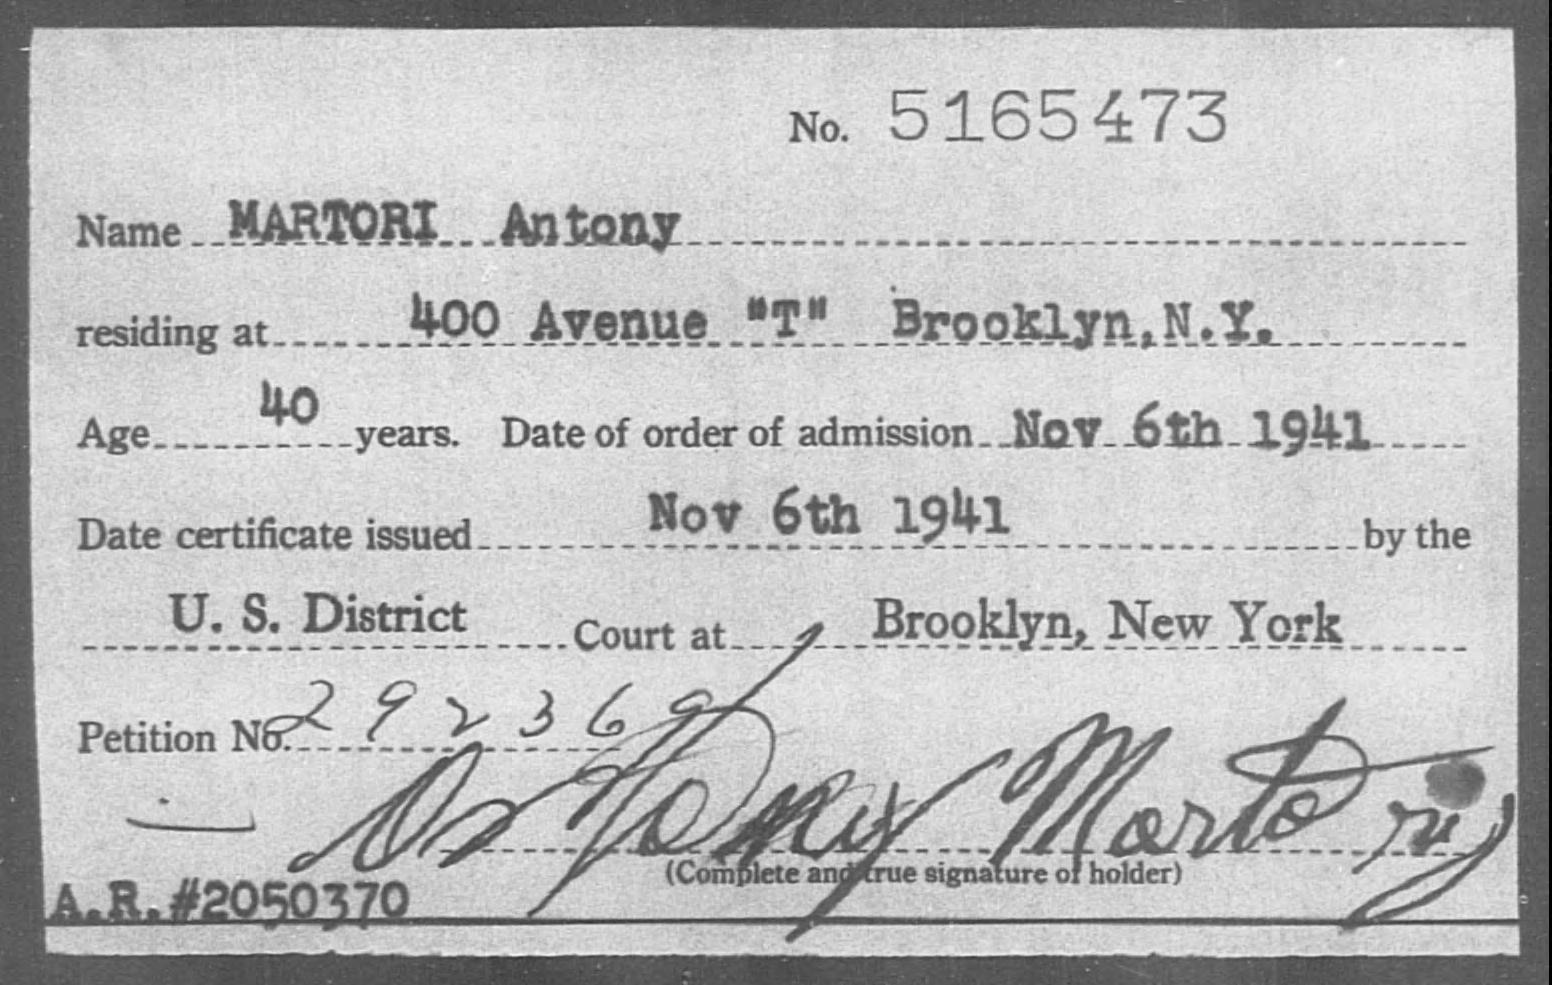 MARTORI Antony - Born: [BLANK], Naturalized: 1941